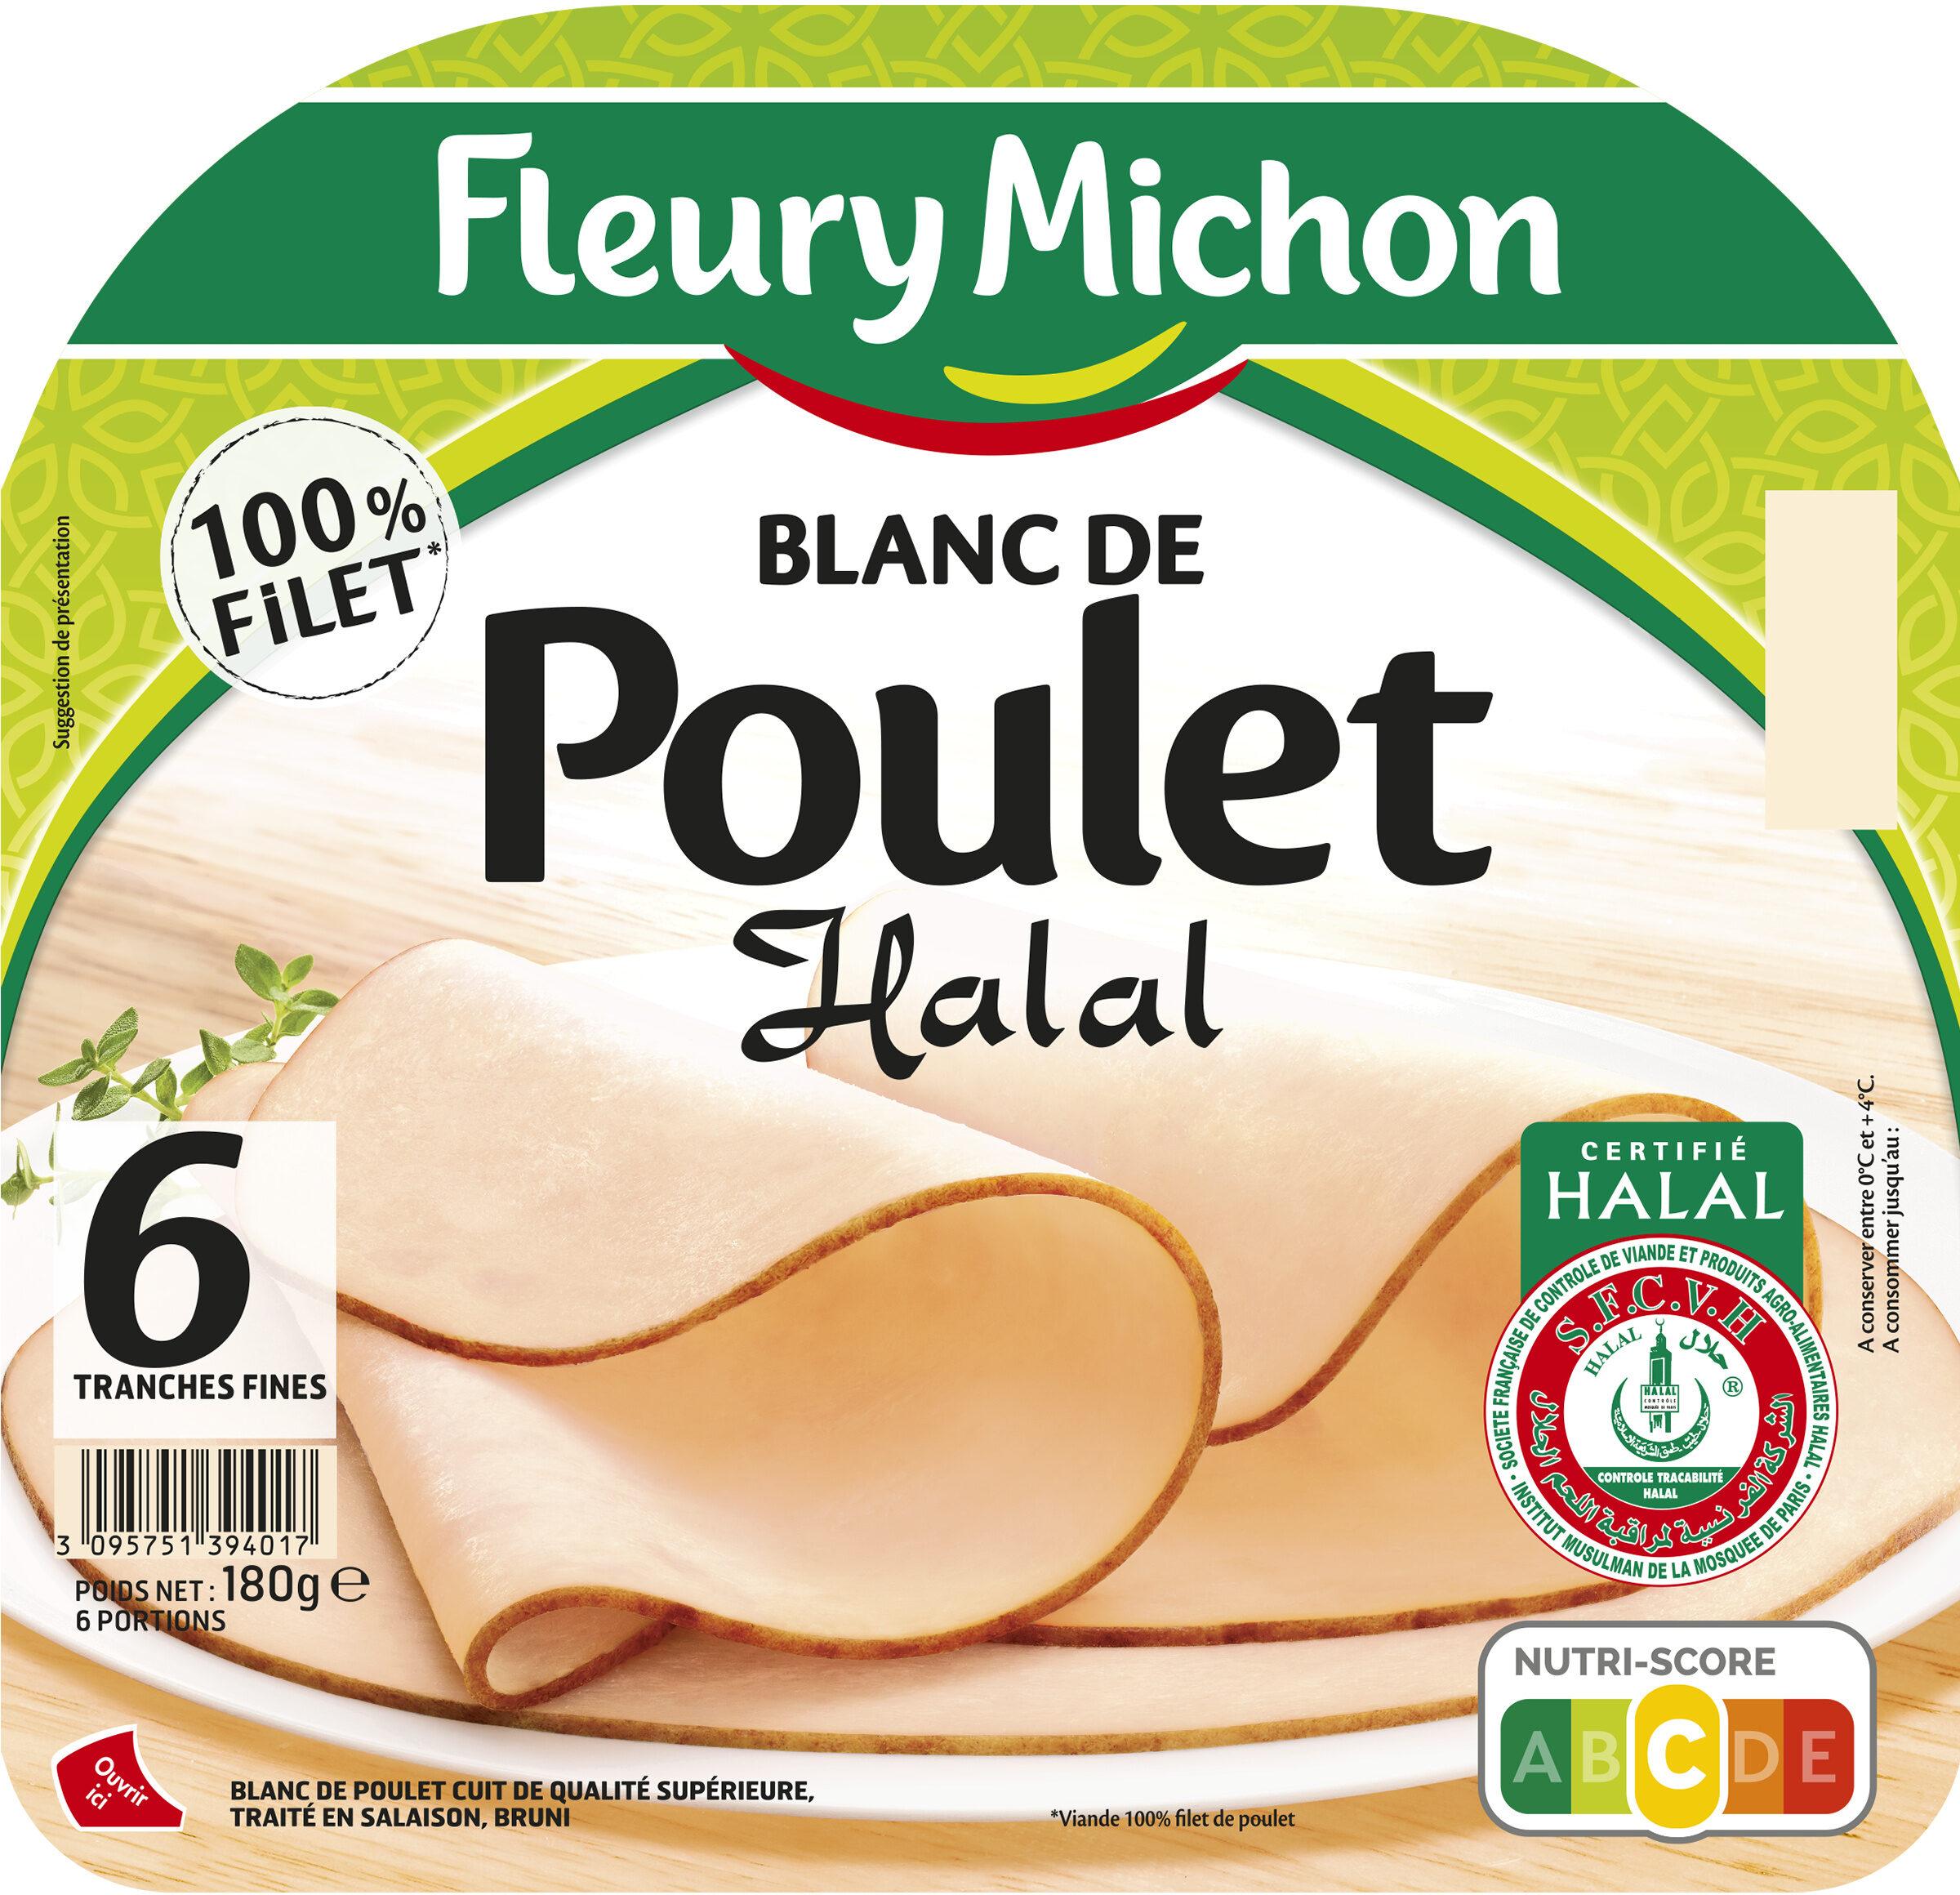 Blanc de poulet Halal - 6tr. - Produkt